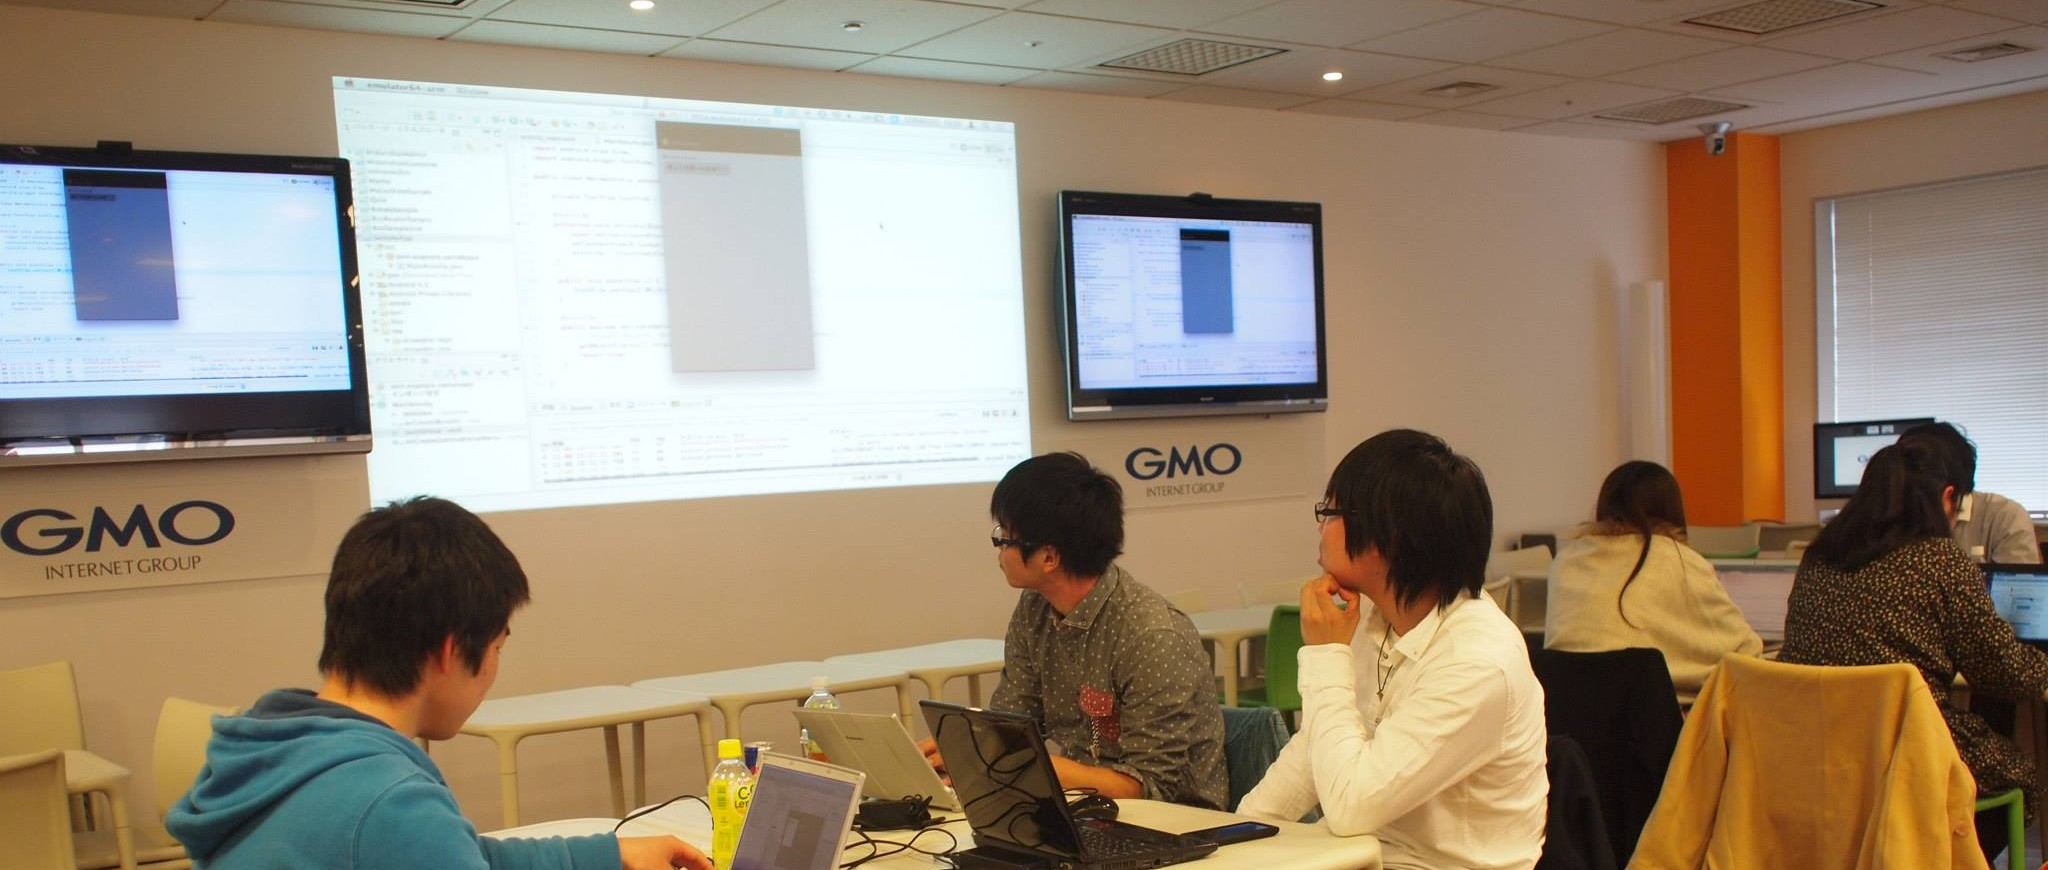 第一回学生部 Android勉強会 @GMO Yours on 12/8